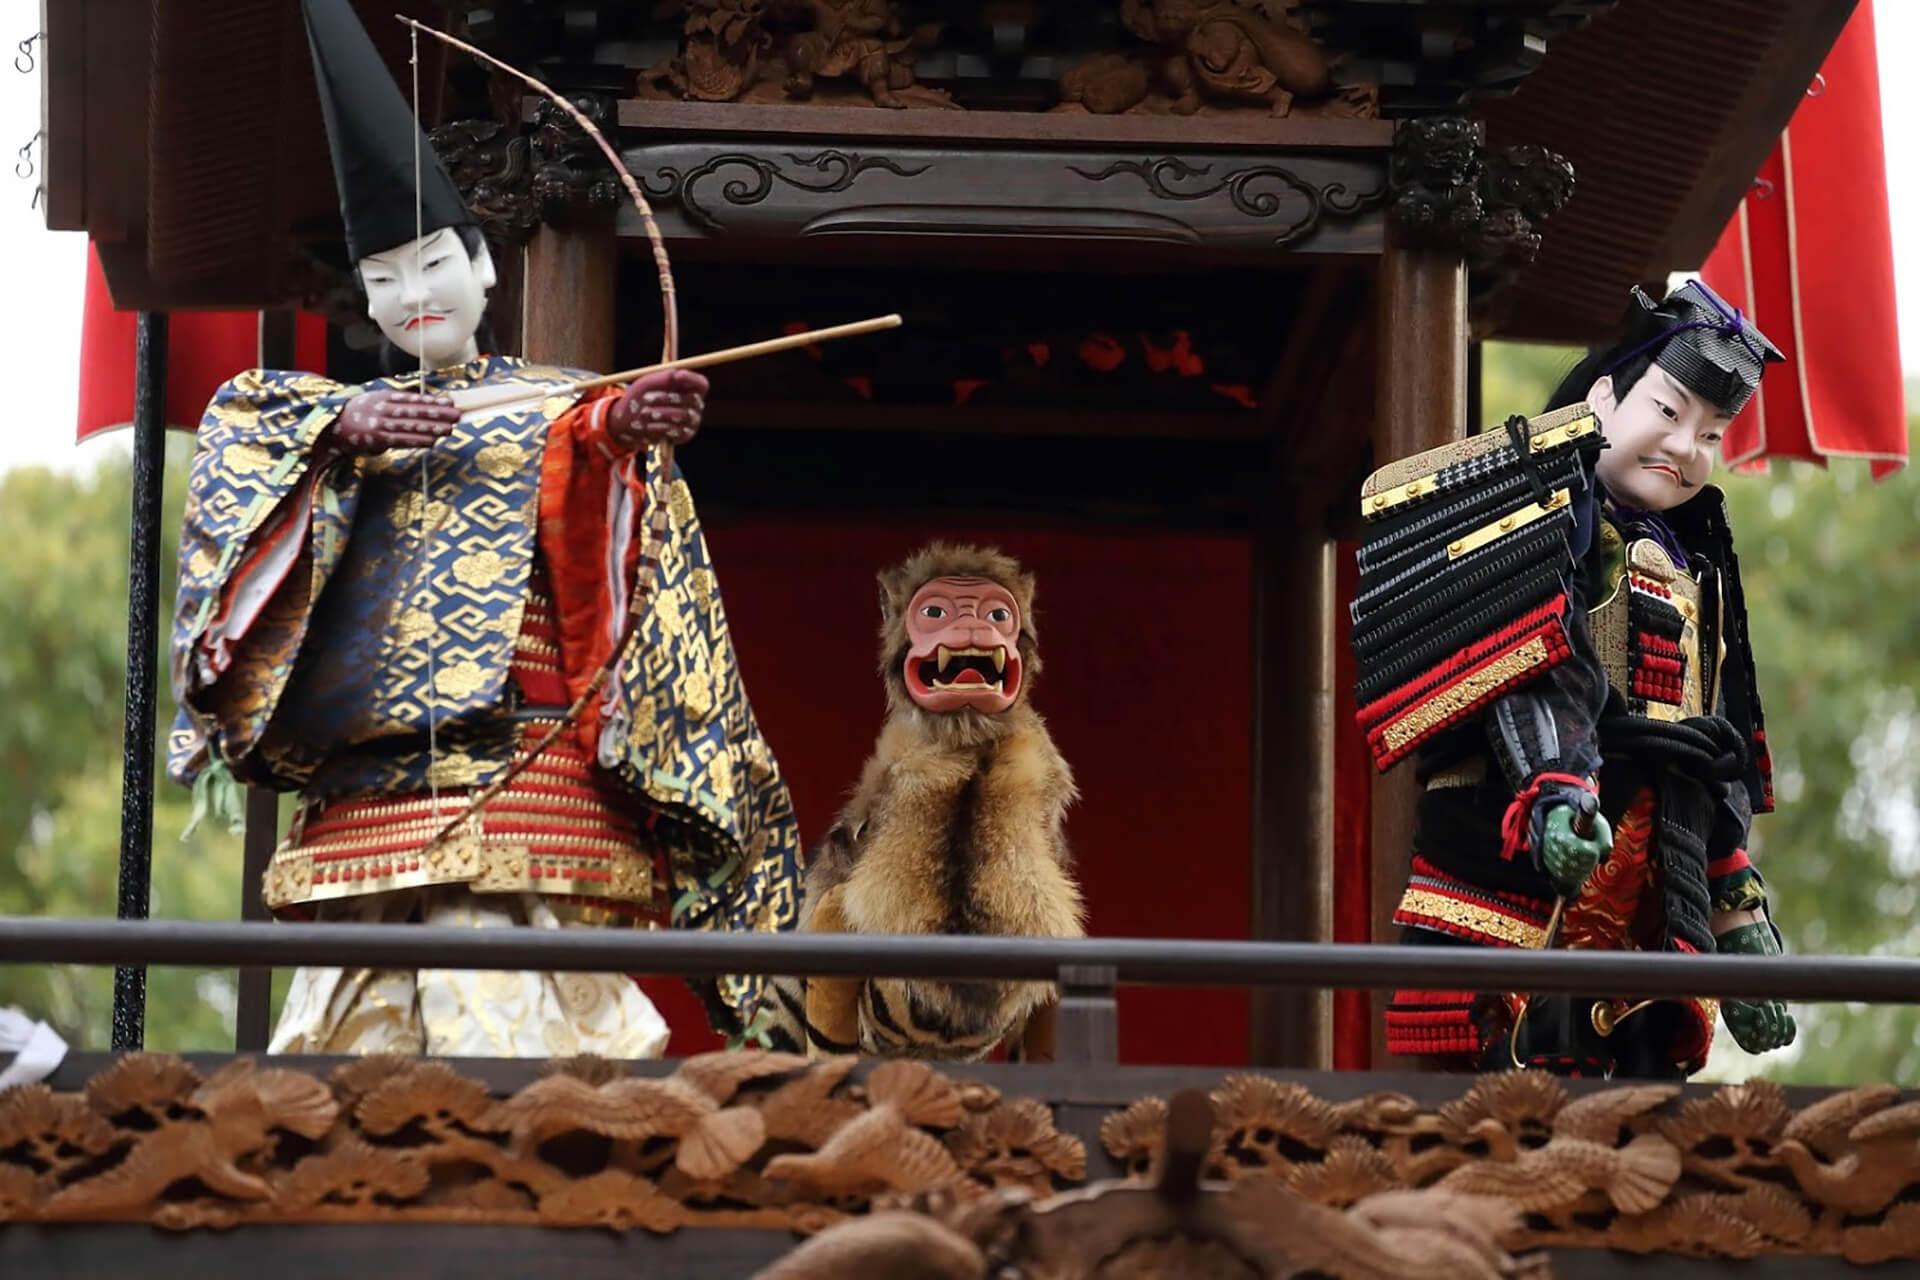 横浜高島屋ギャラリー「からくり人形師 九代玉屋庄兵衛展 -伝統の技と挑戦-」